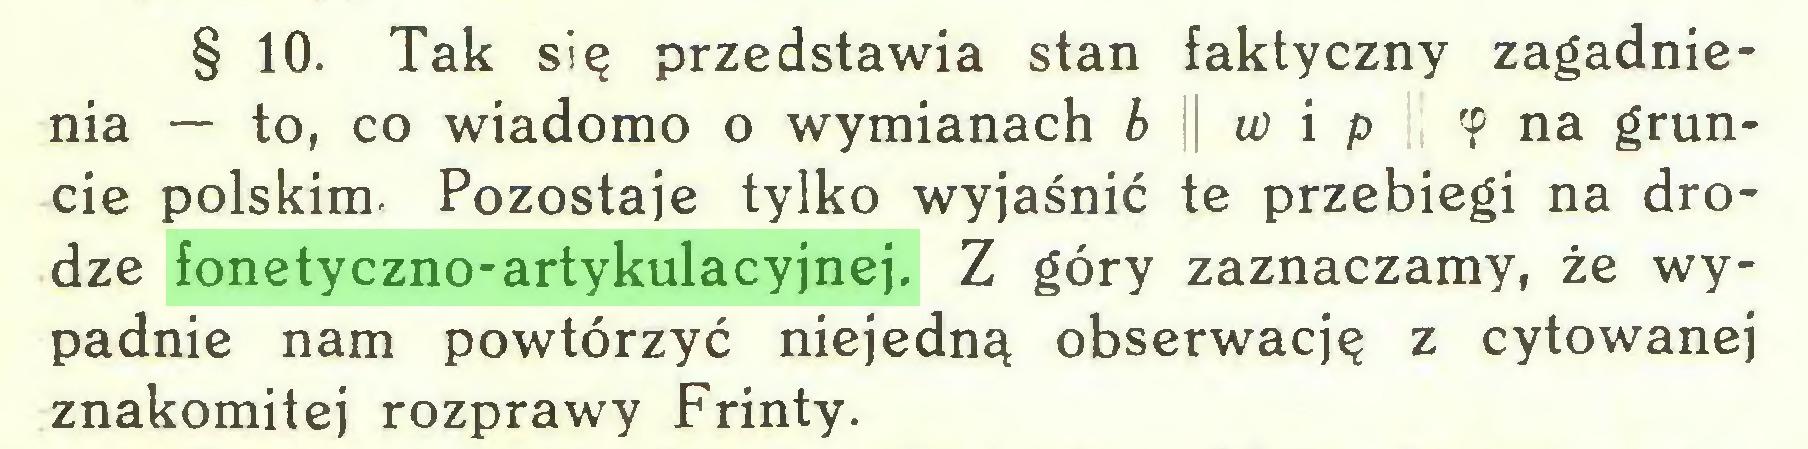 (...) § 10. Tak się przedstawia stan faktyczny zagadnienia — to, co wiadomo o wymianach b w i p 'P na gruncie polskim. Pozostaje tylko wyjaśnić te przebiegi na drodze fonetyczno-artykulacyjnej. Z góry zaznaczamy, że wypadnie nam powtórzyć niejedną obserwację z cytowanej znakomitej rozprawy Frinty...